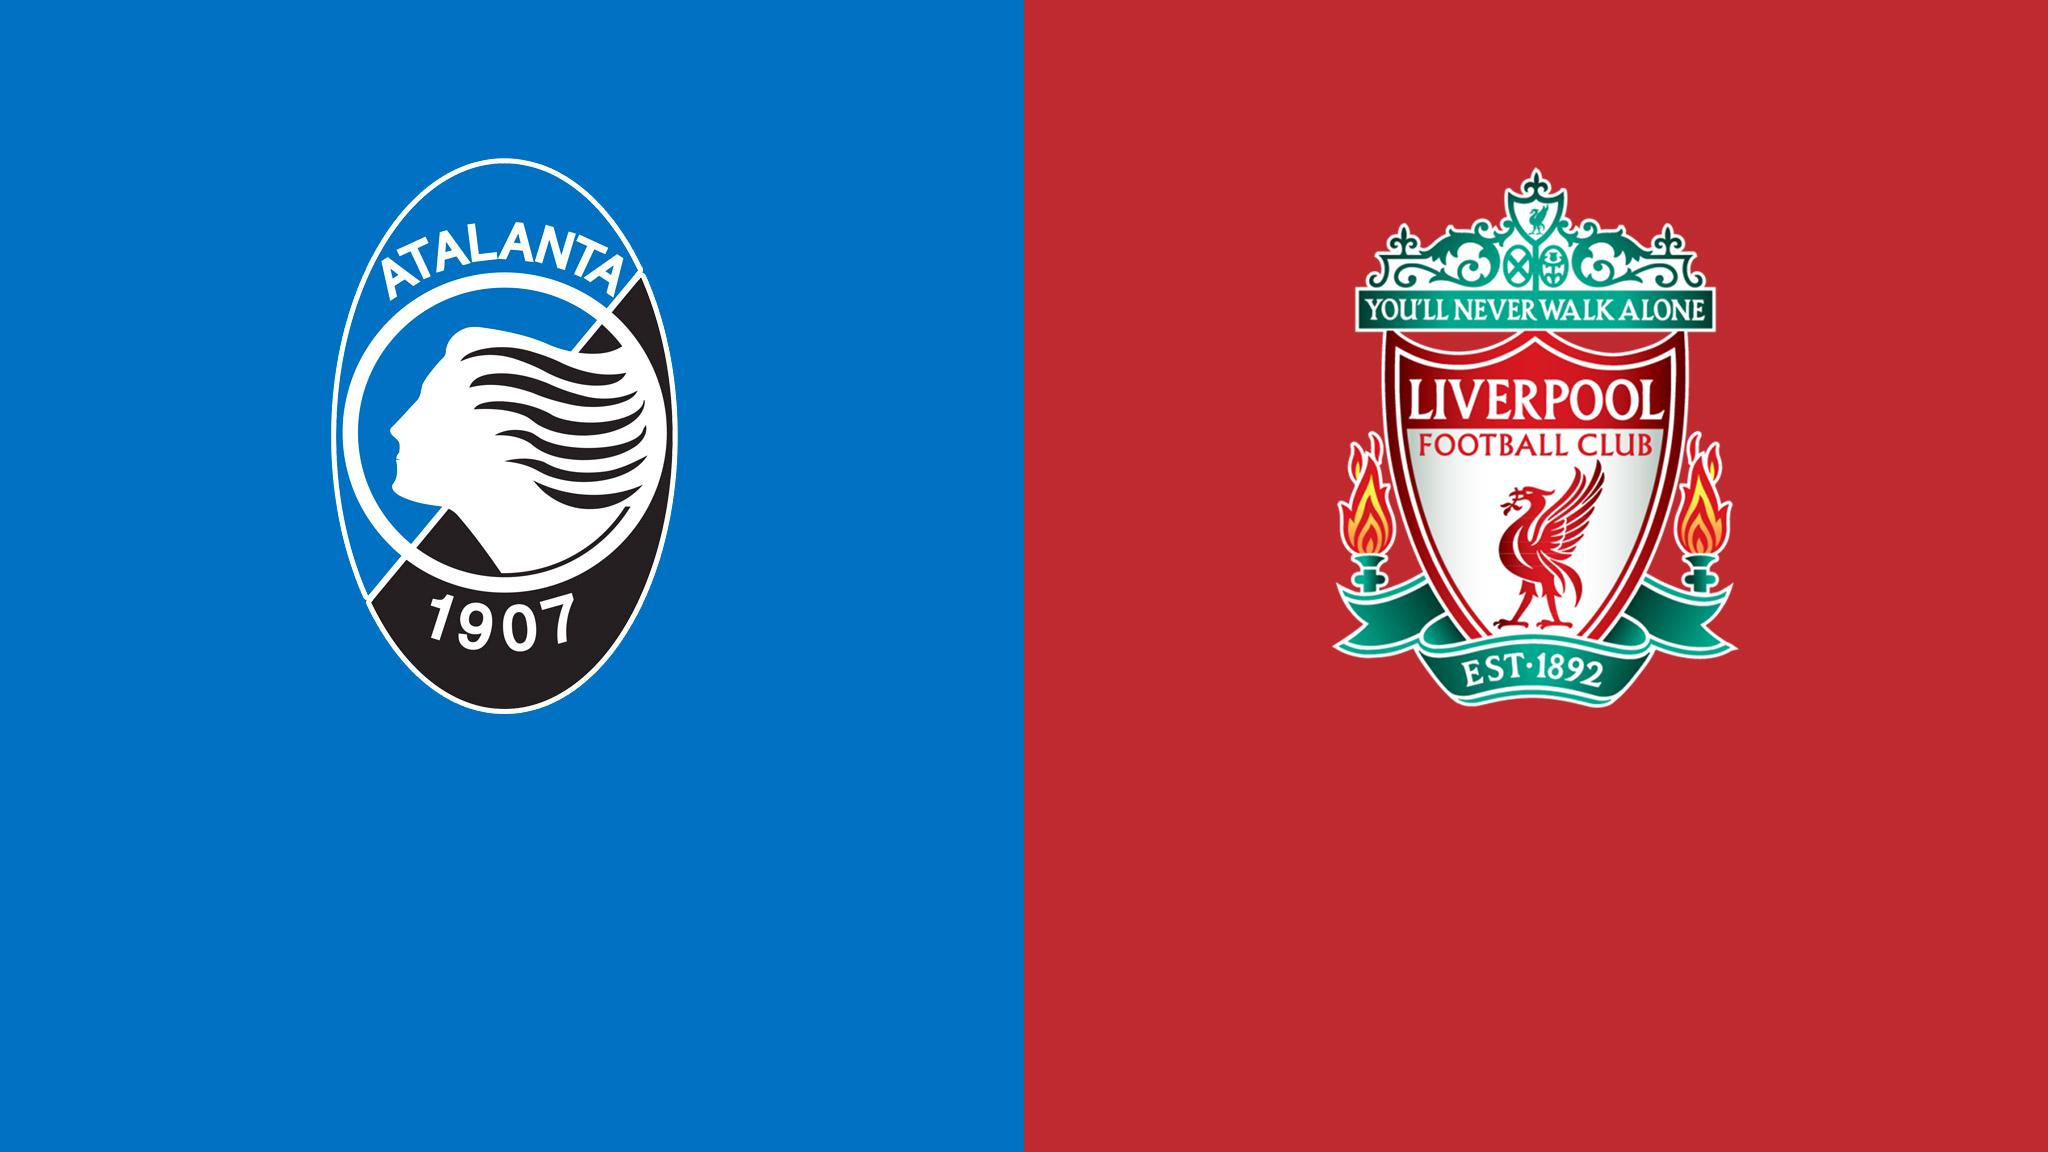 موعد مباراة ليفربول ضد أتالانتا والقنوات الناقلة الأربعاء 2020/11/25 في قمة دوري الأبطال أوروبا